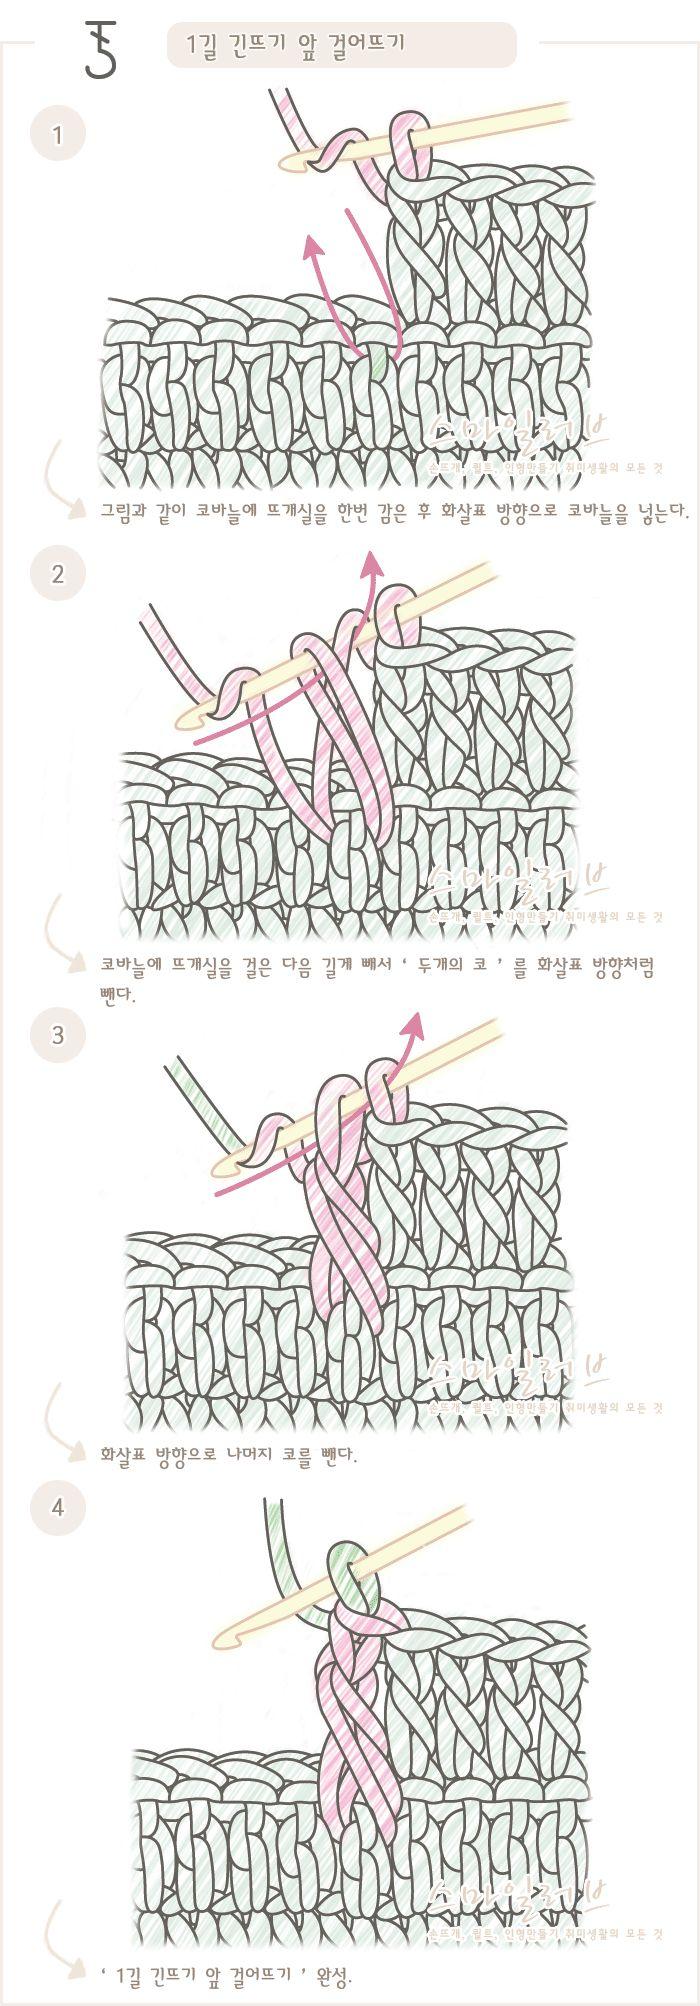 푸미스토리 손뜨개 뜨개실 털실 핸드메이드샵 - 코바늘 강좌 [[1길긴뜨기앞걸어뜨기]코바늘 도안기호와 뜨는 방법. 뜨개질(손뜨개) 무료]